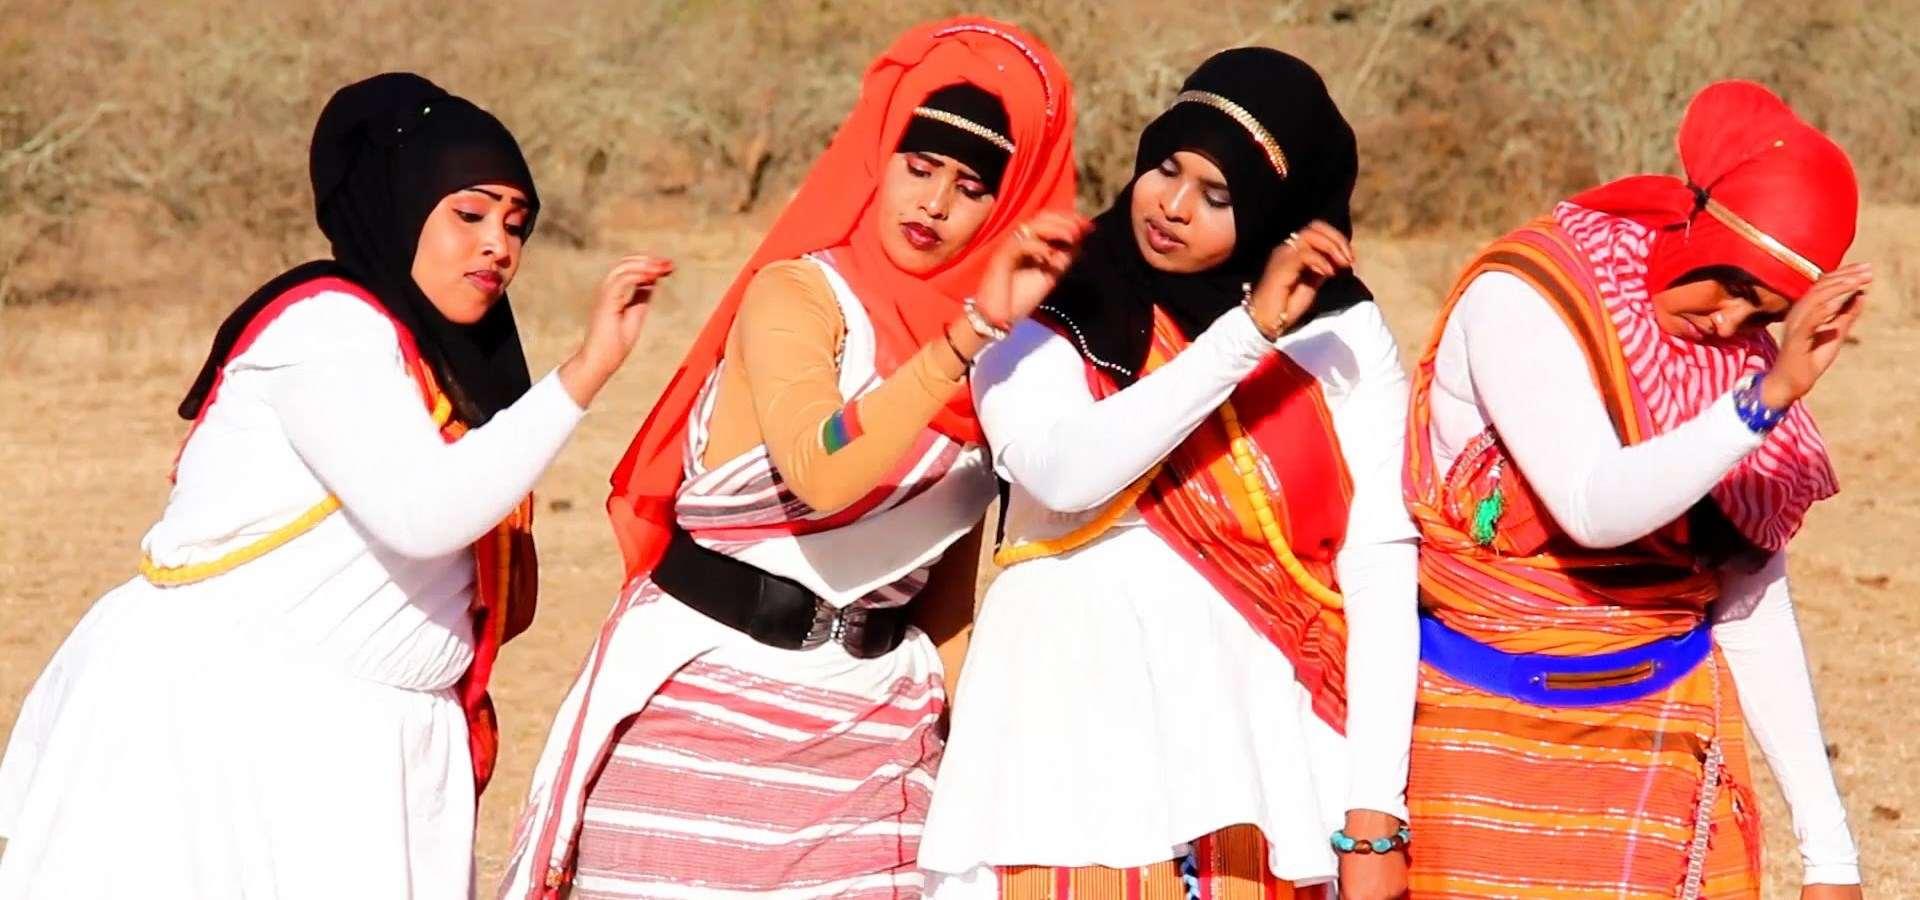 Somali Women Dress